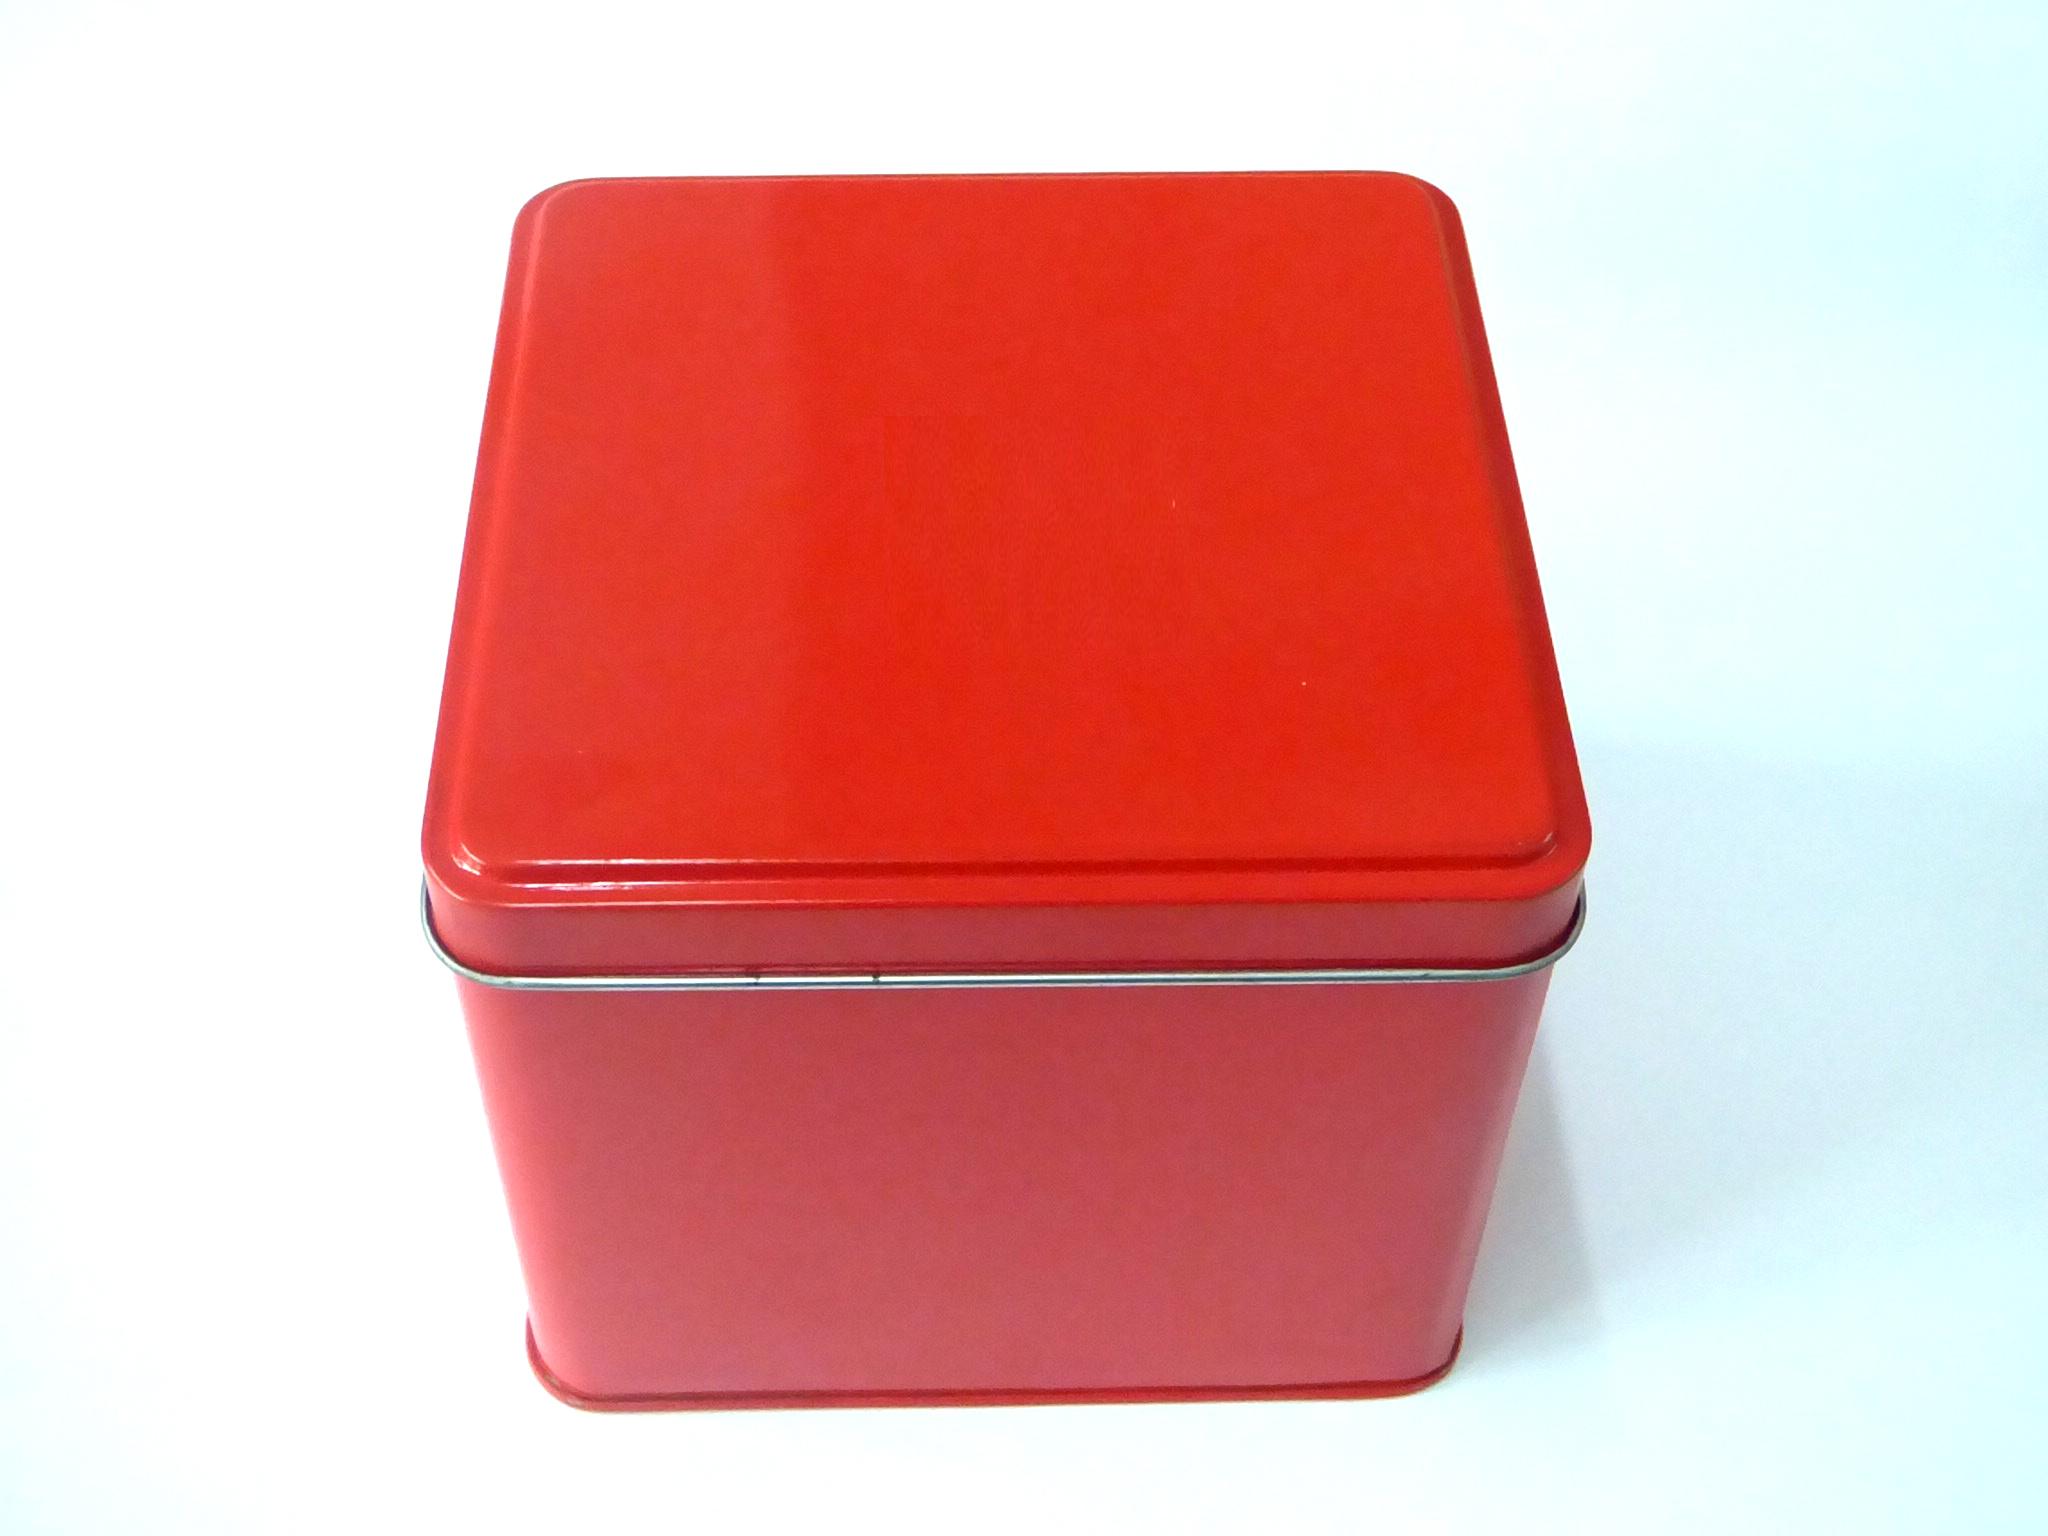 摩配 156套缸 铁盒